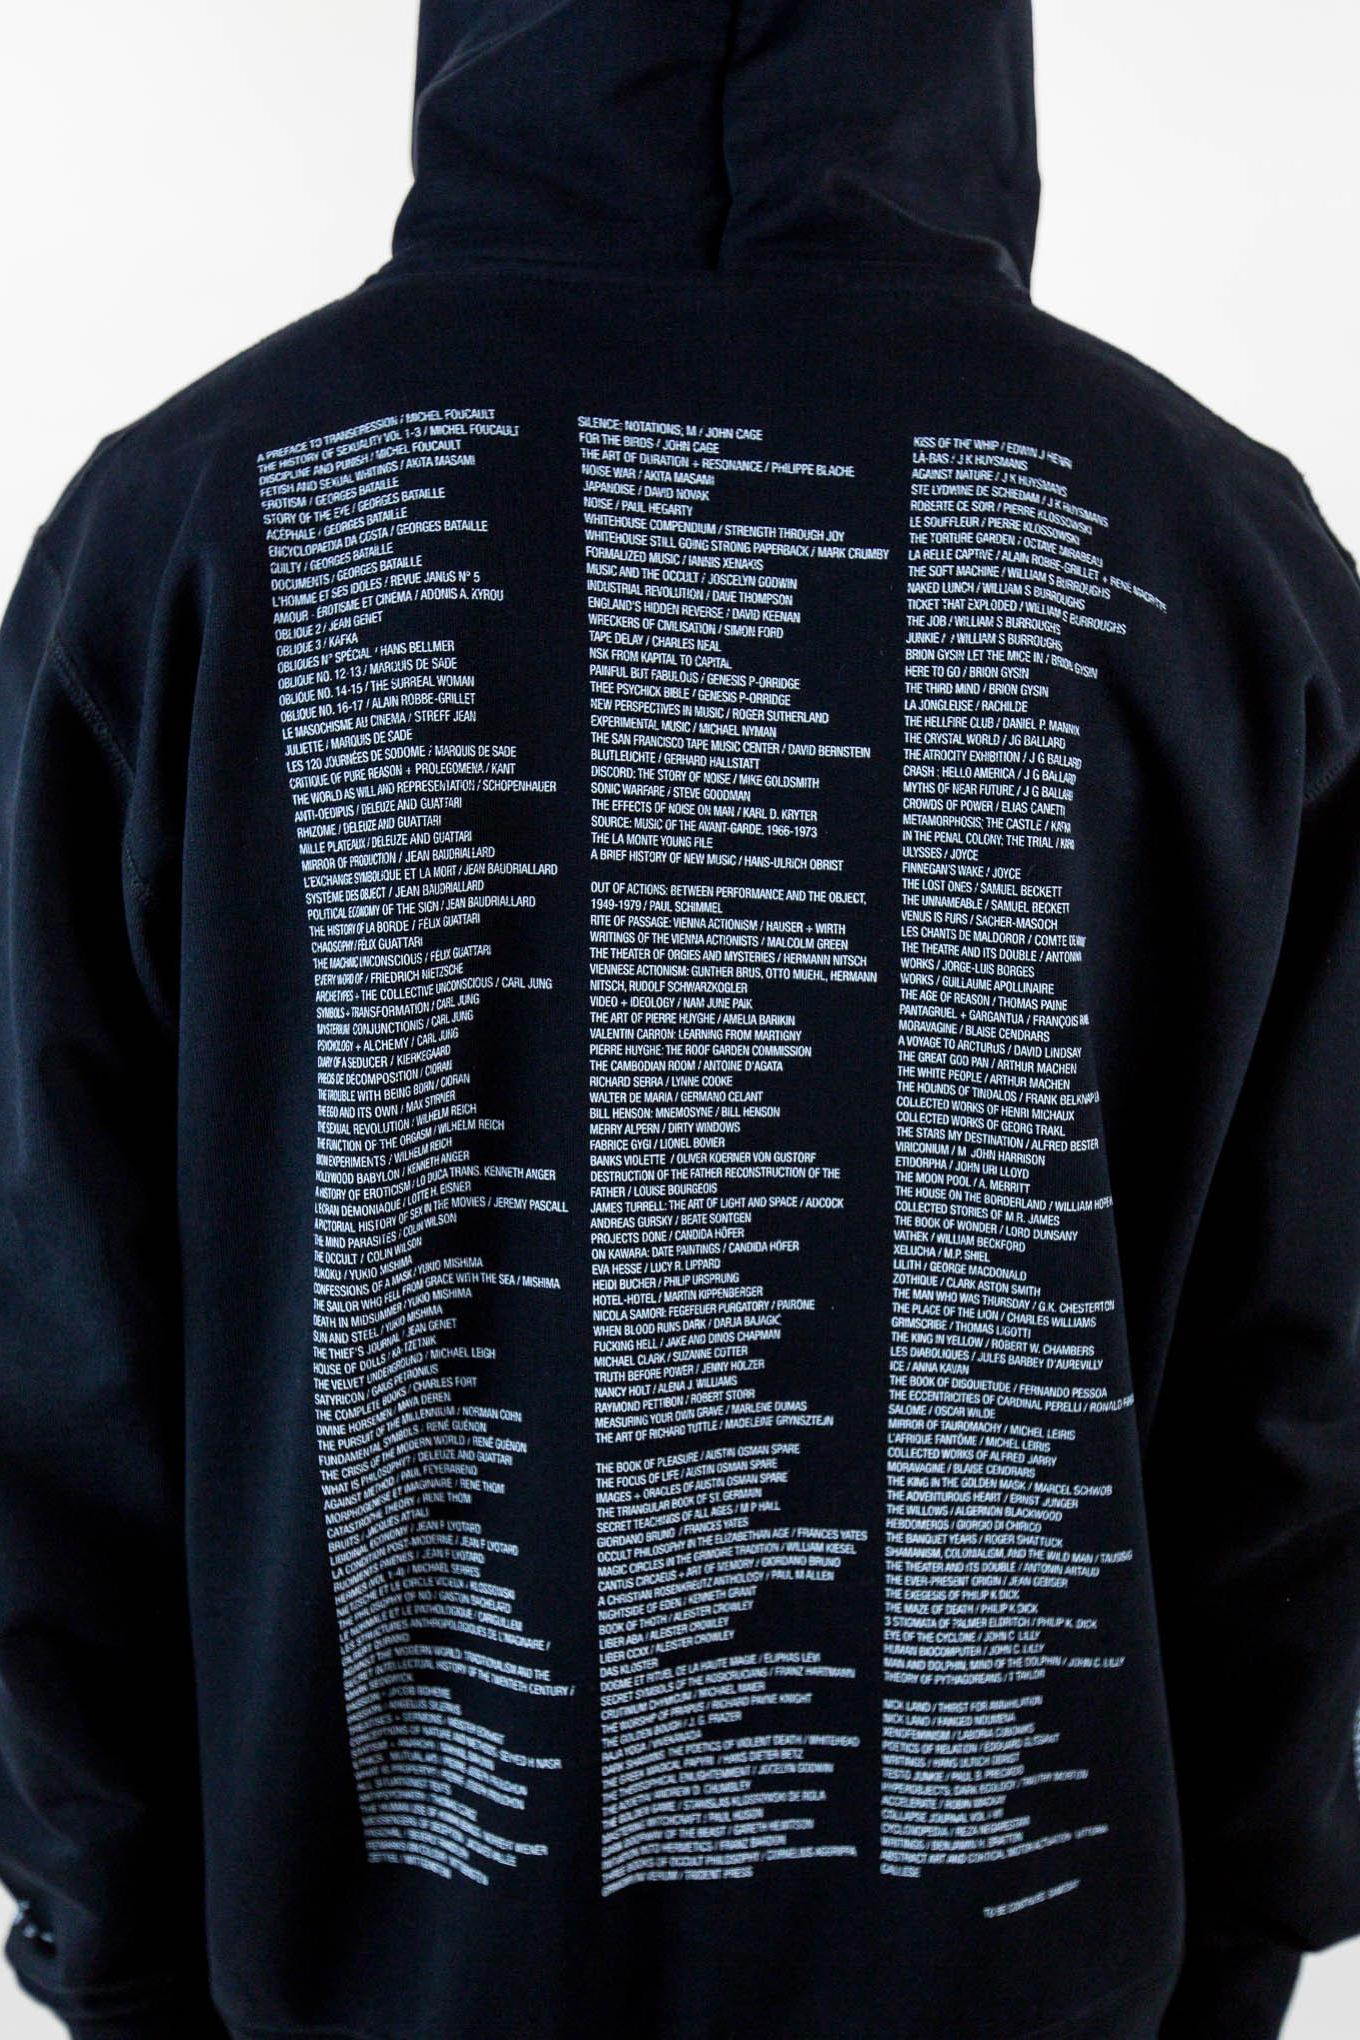 Yang Li SAMIZDAT T-shirt Hoodie Tote Lighter - 1844537